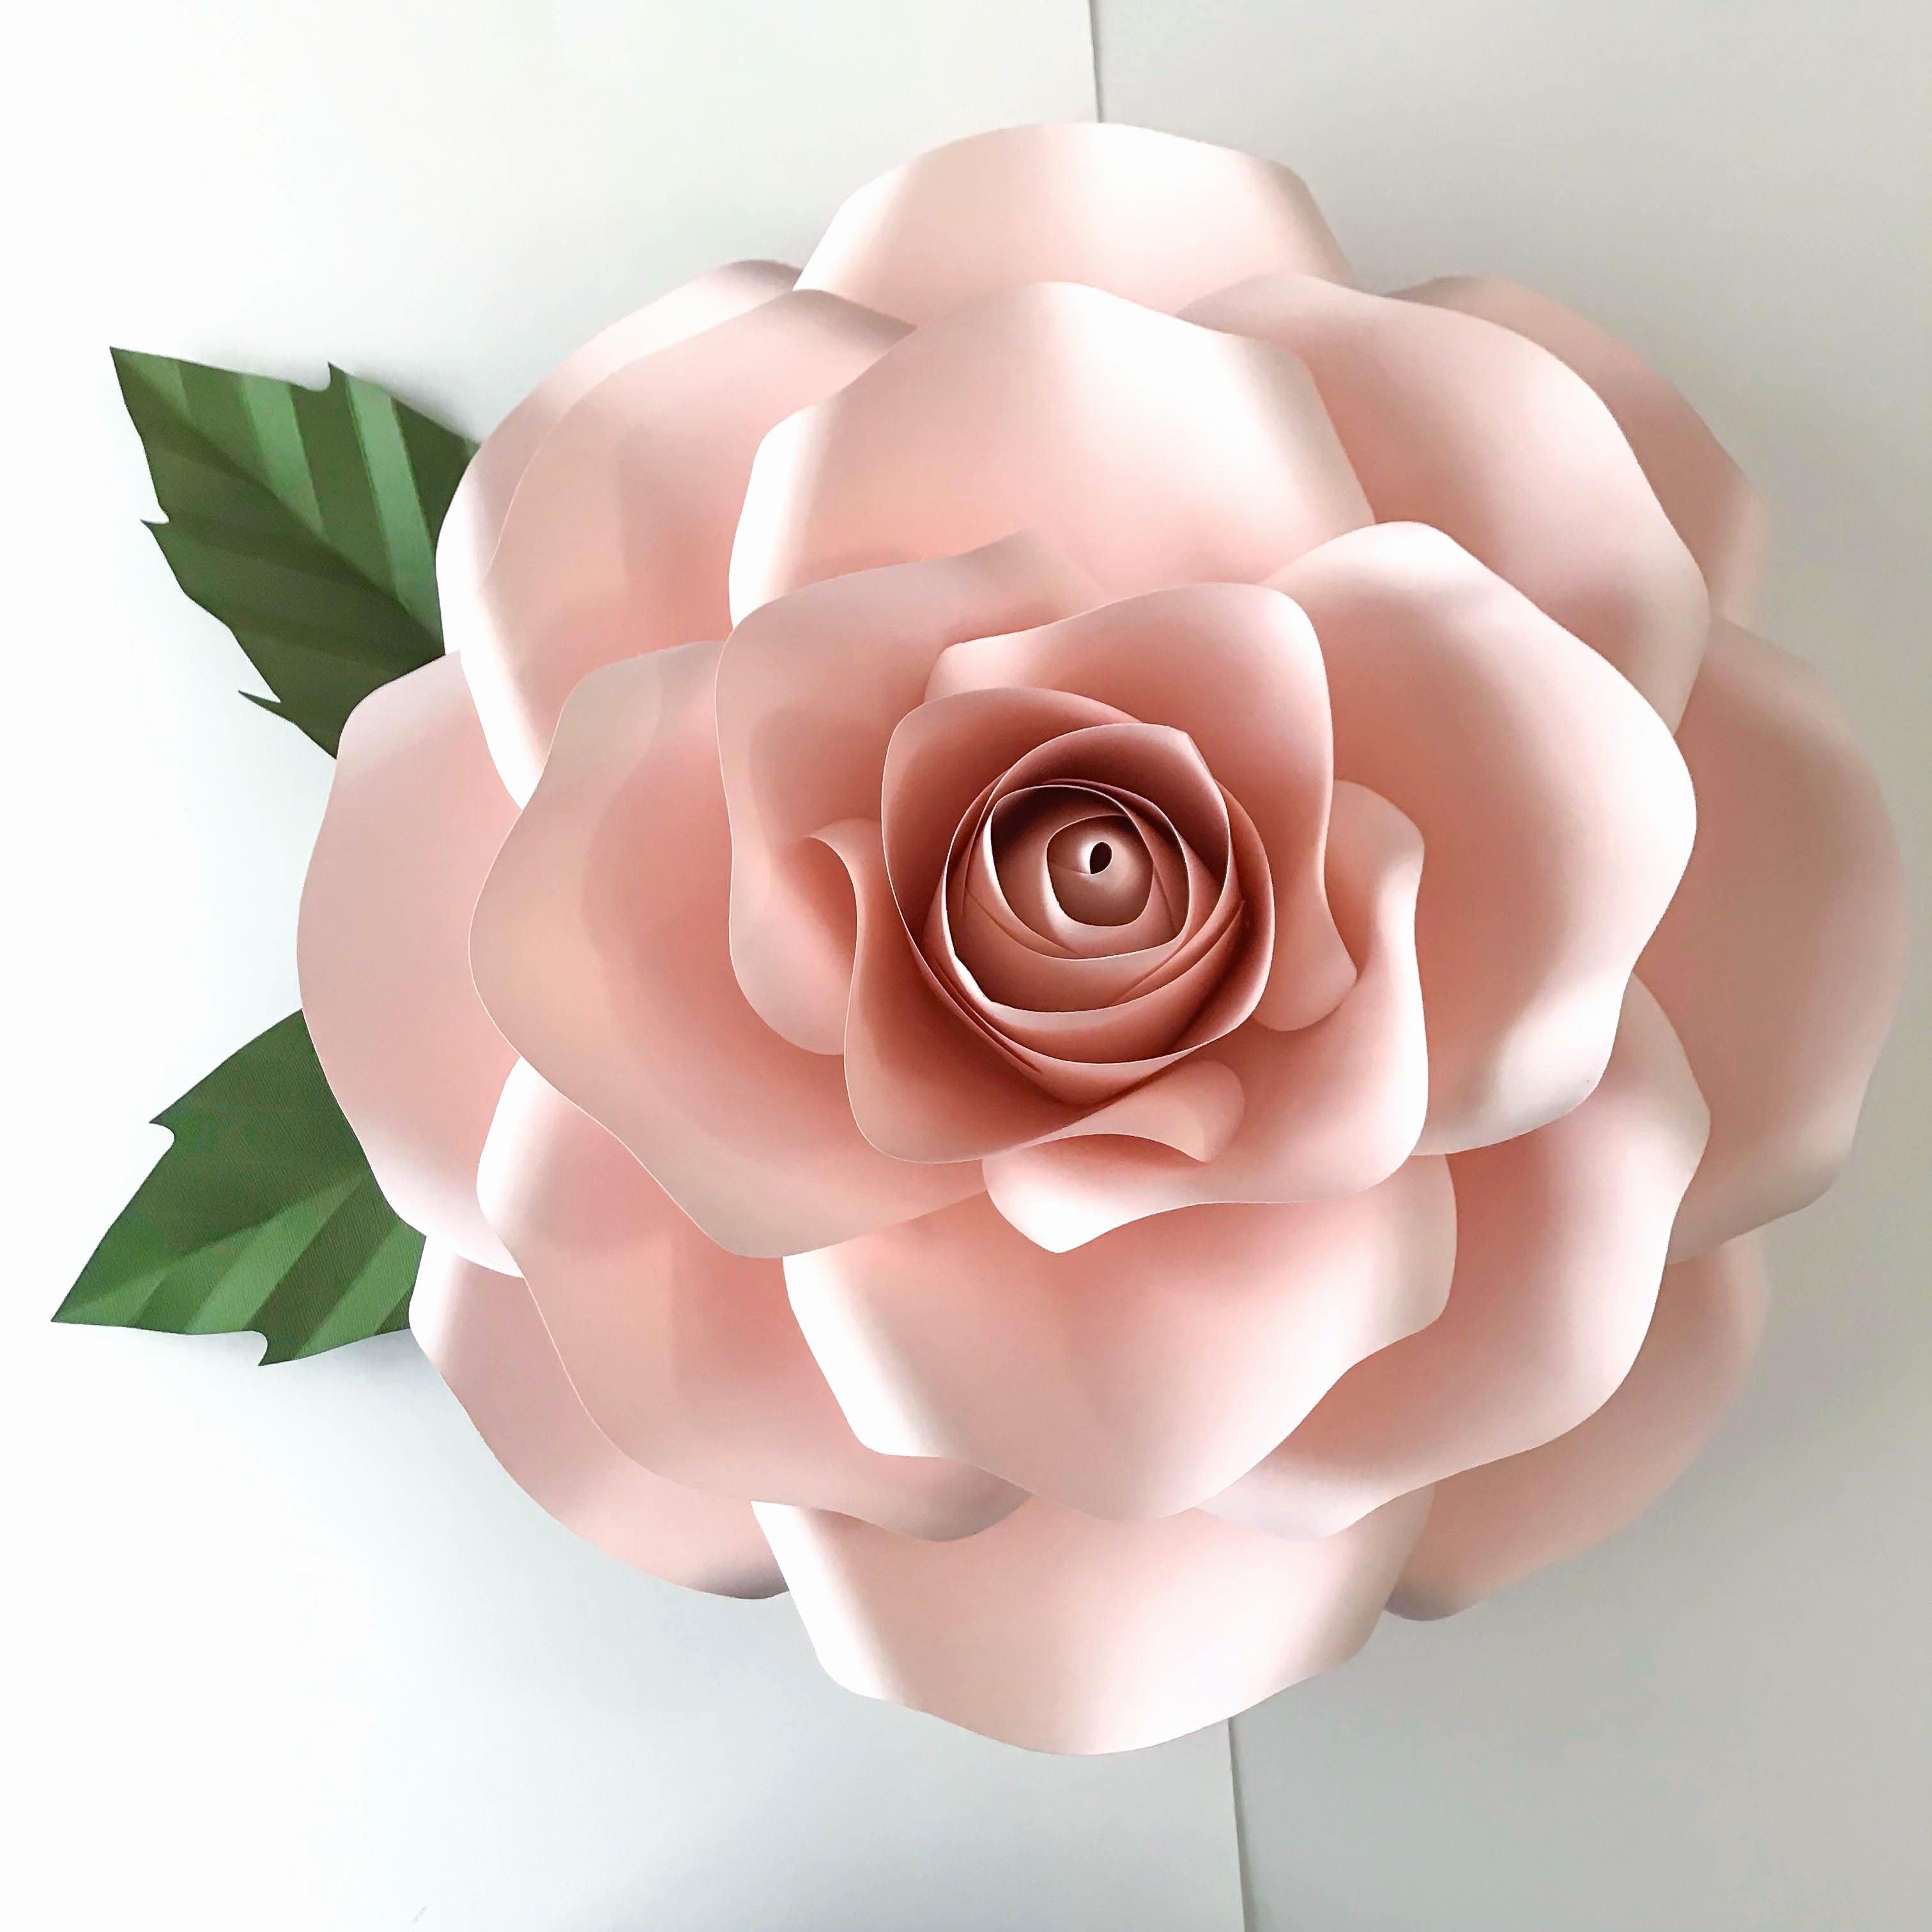 Diy Paper Flower Template Elegant Svg New Rose Paper Flower Template Diy Cricut and